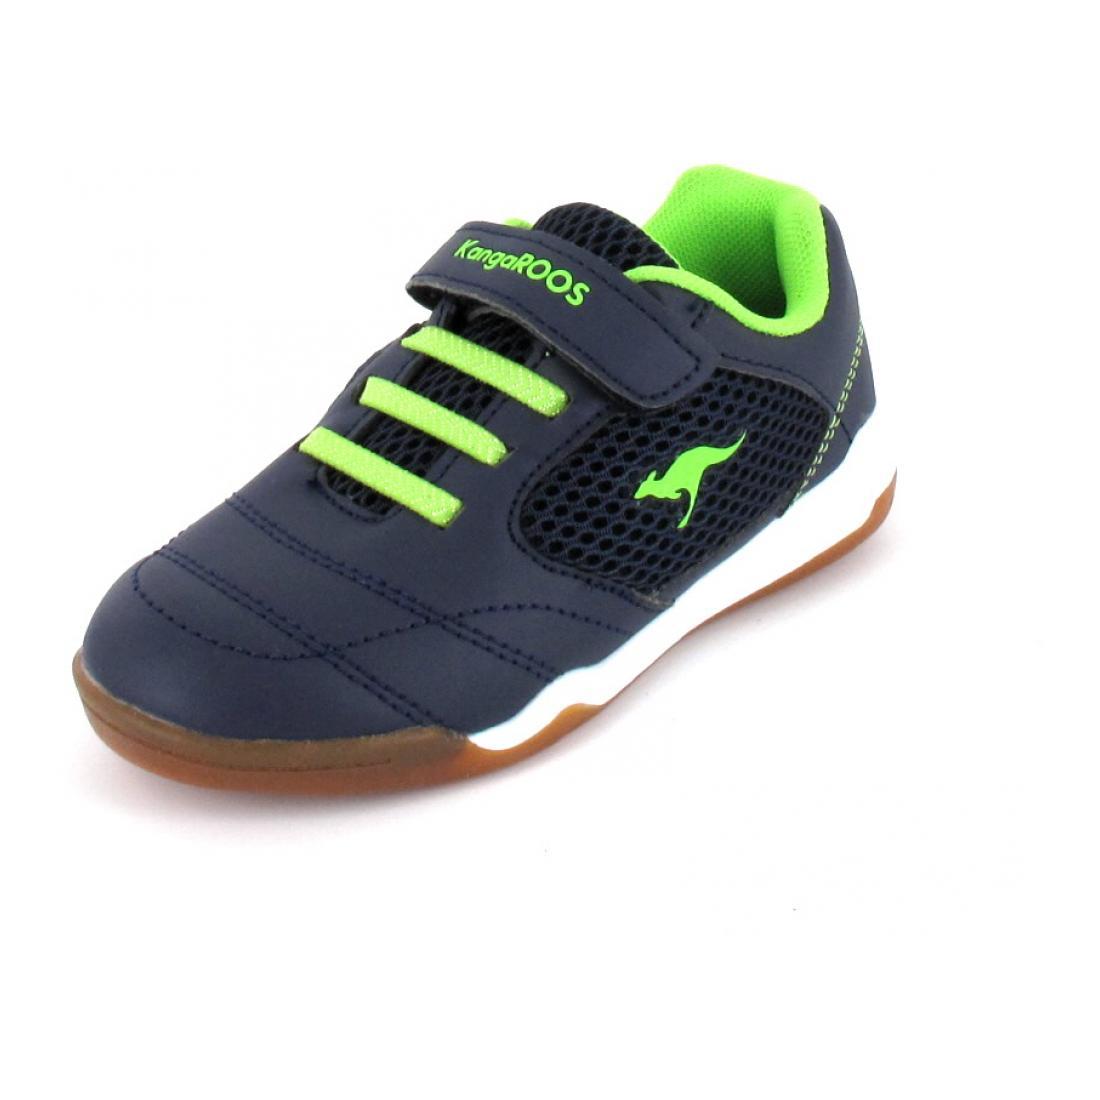 KangaRoos Sneaker INCOURT